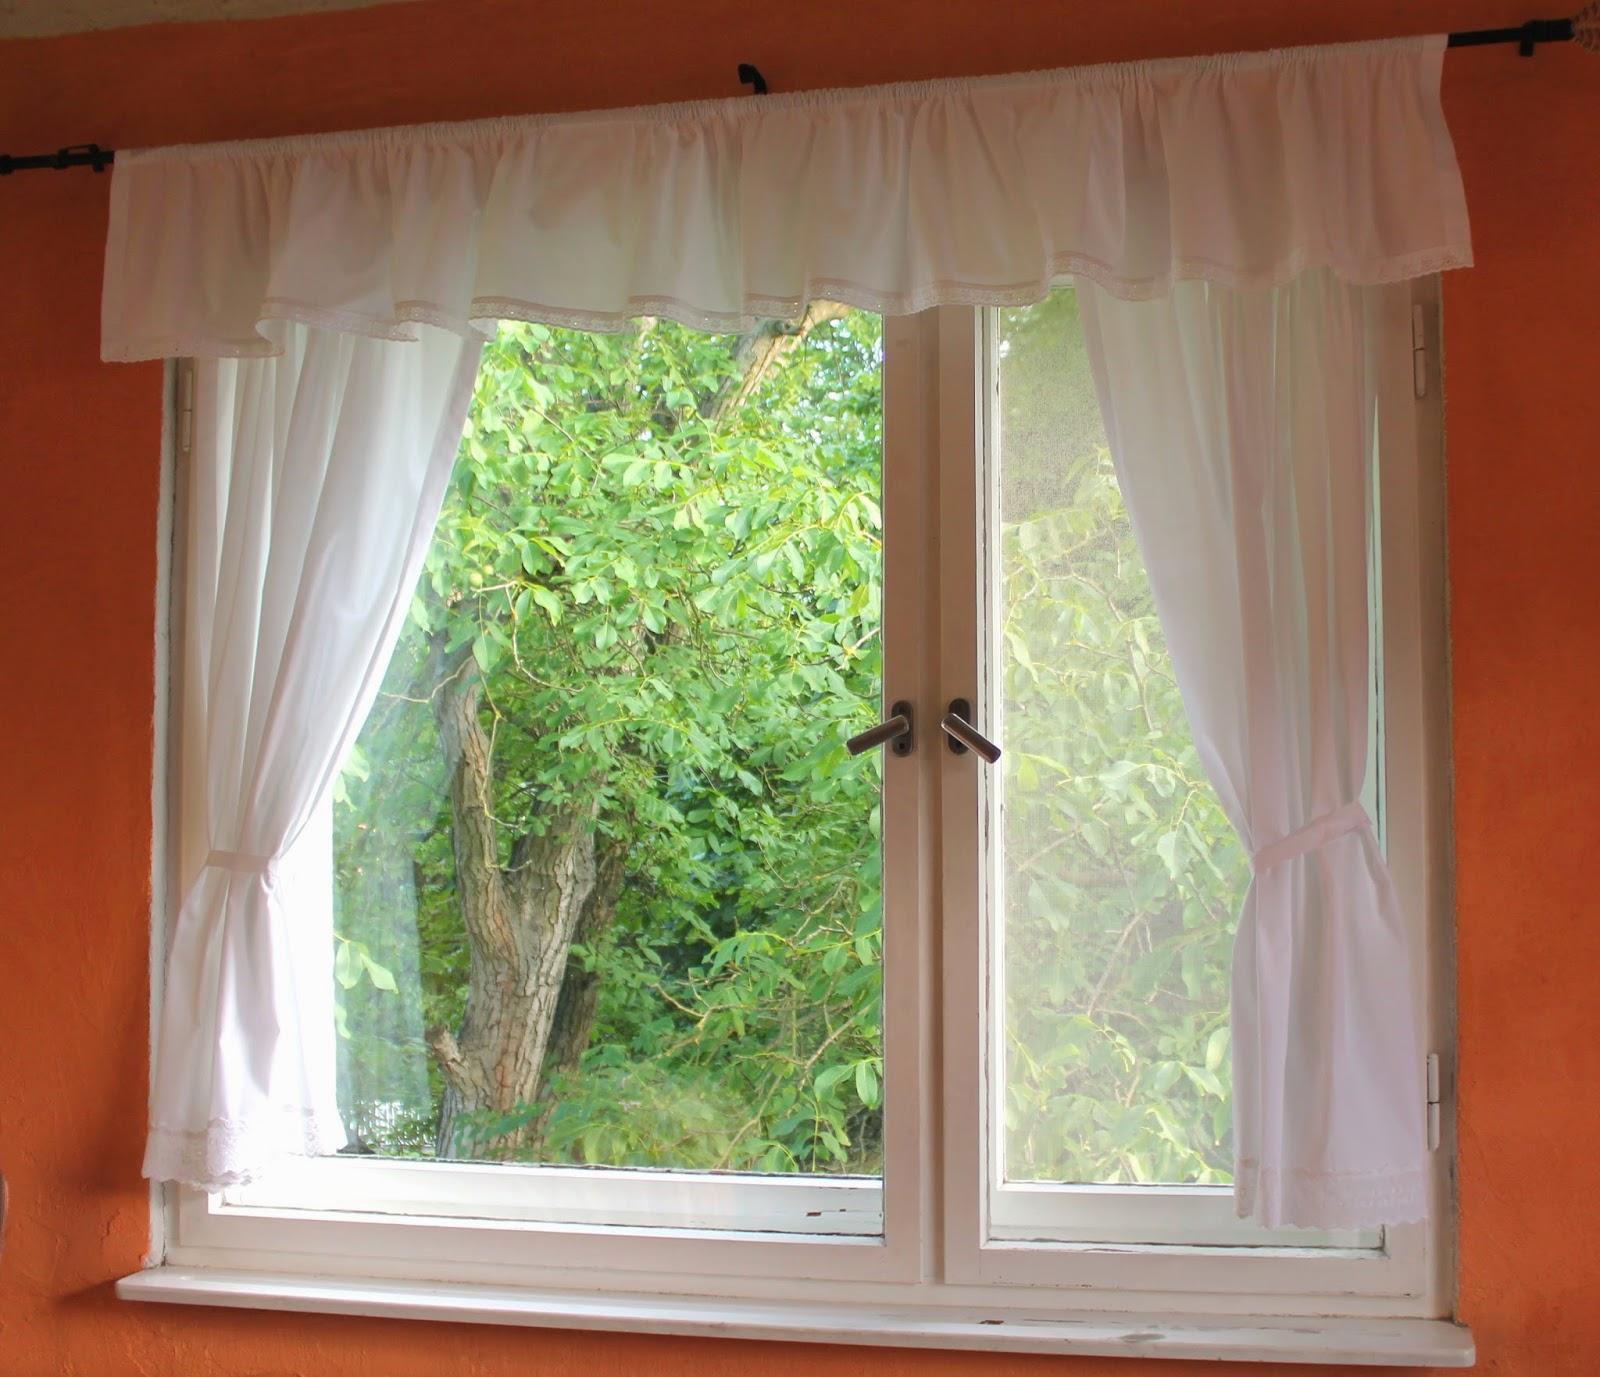 Fenster Gardinen Weiß :  Fenster  das ist eigentlich schön  aber den Produktfotos hilft das